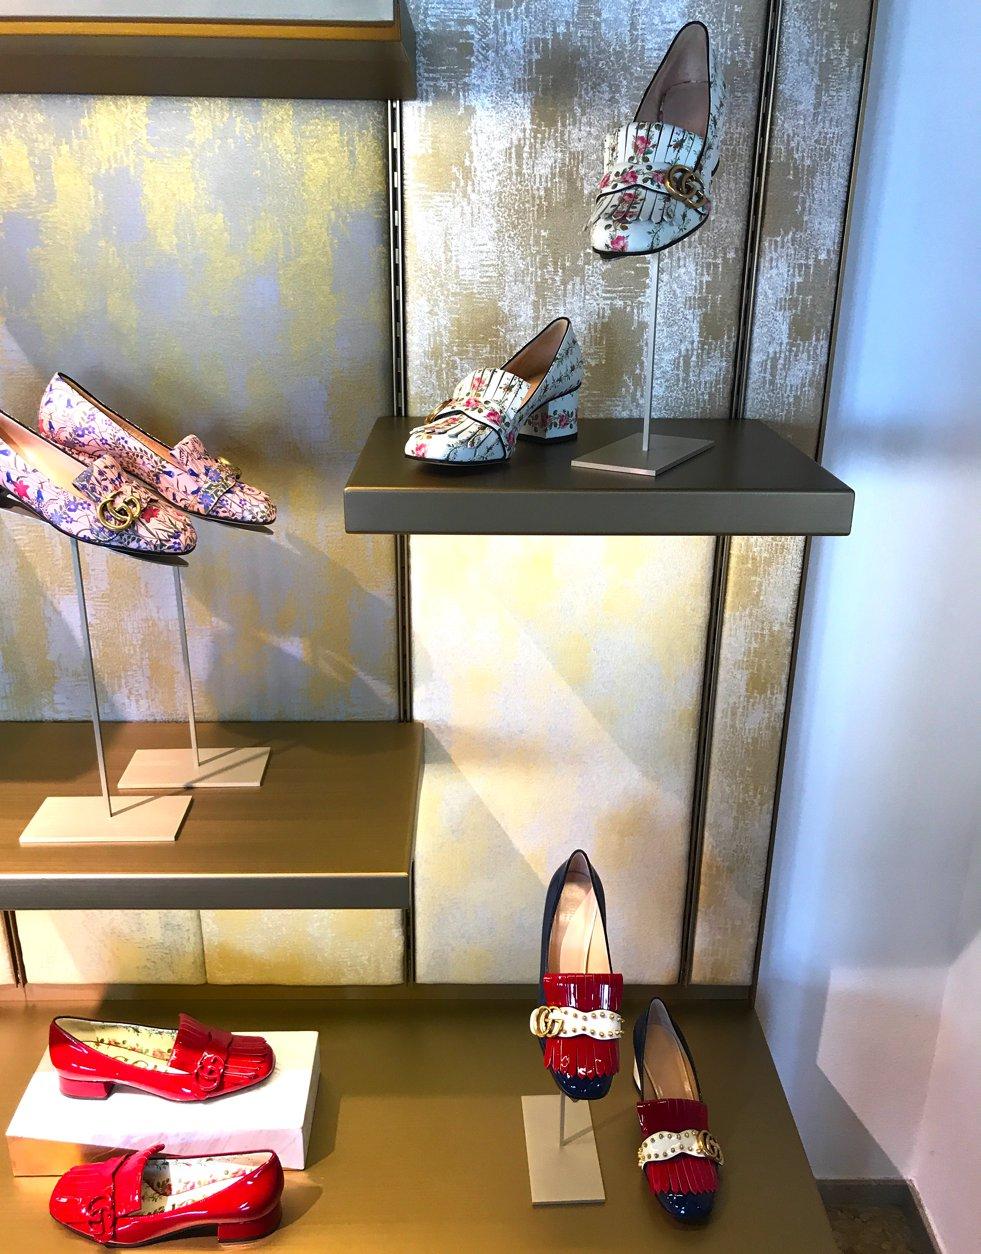 Gucci Loafer Blumen, Fondaco dei Tedeschi shoe department, Fondaco dei Tedeschi Schuhabteilung, Fashion-Blog, Lieblingsstil.com,